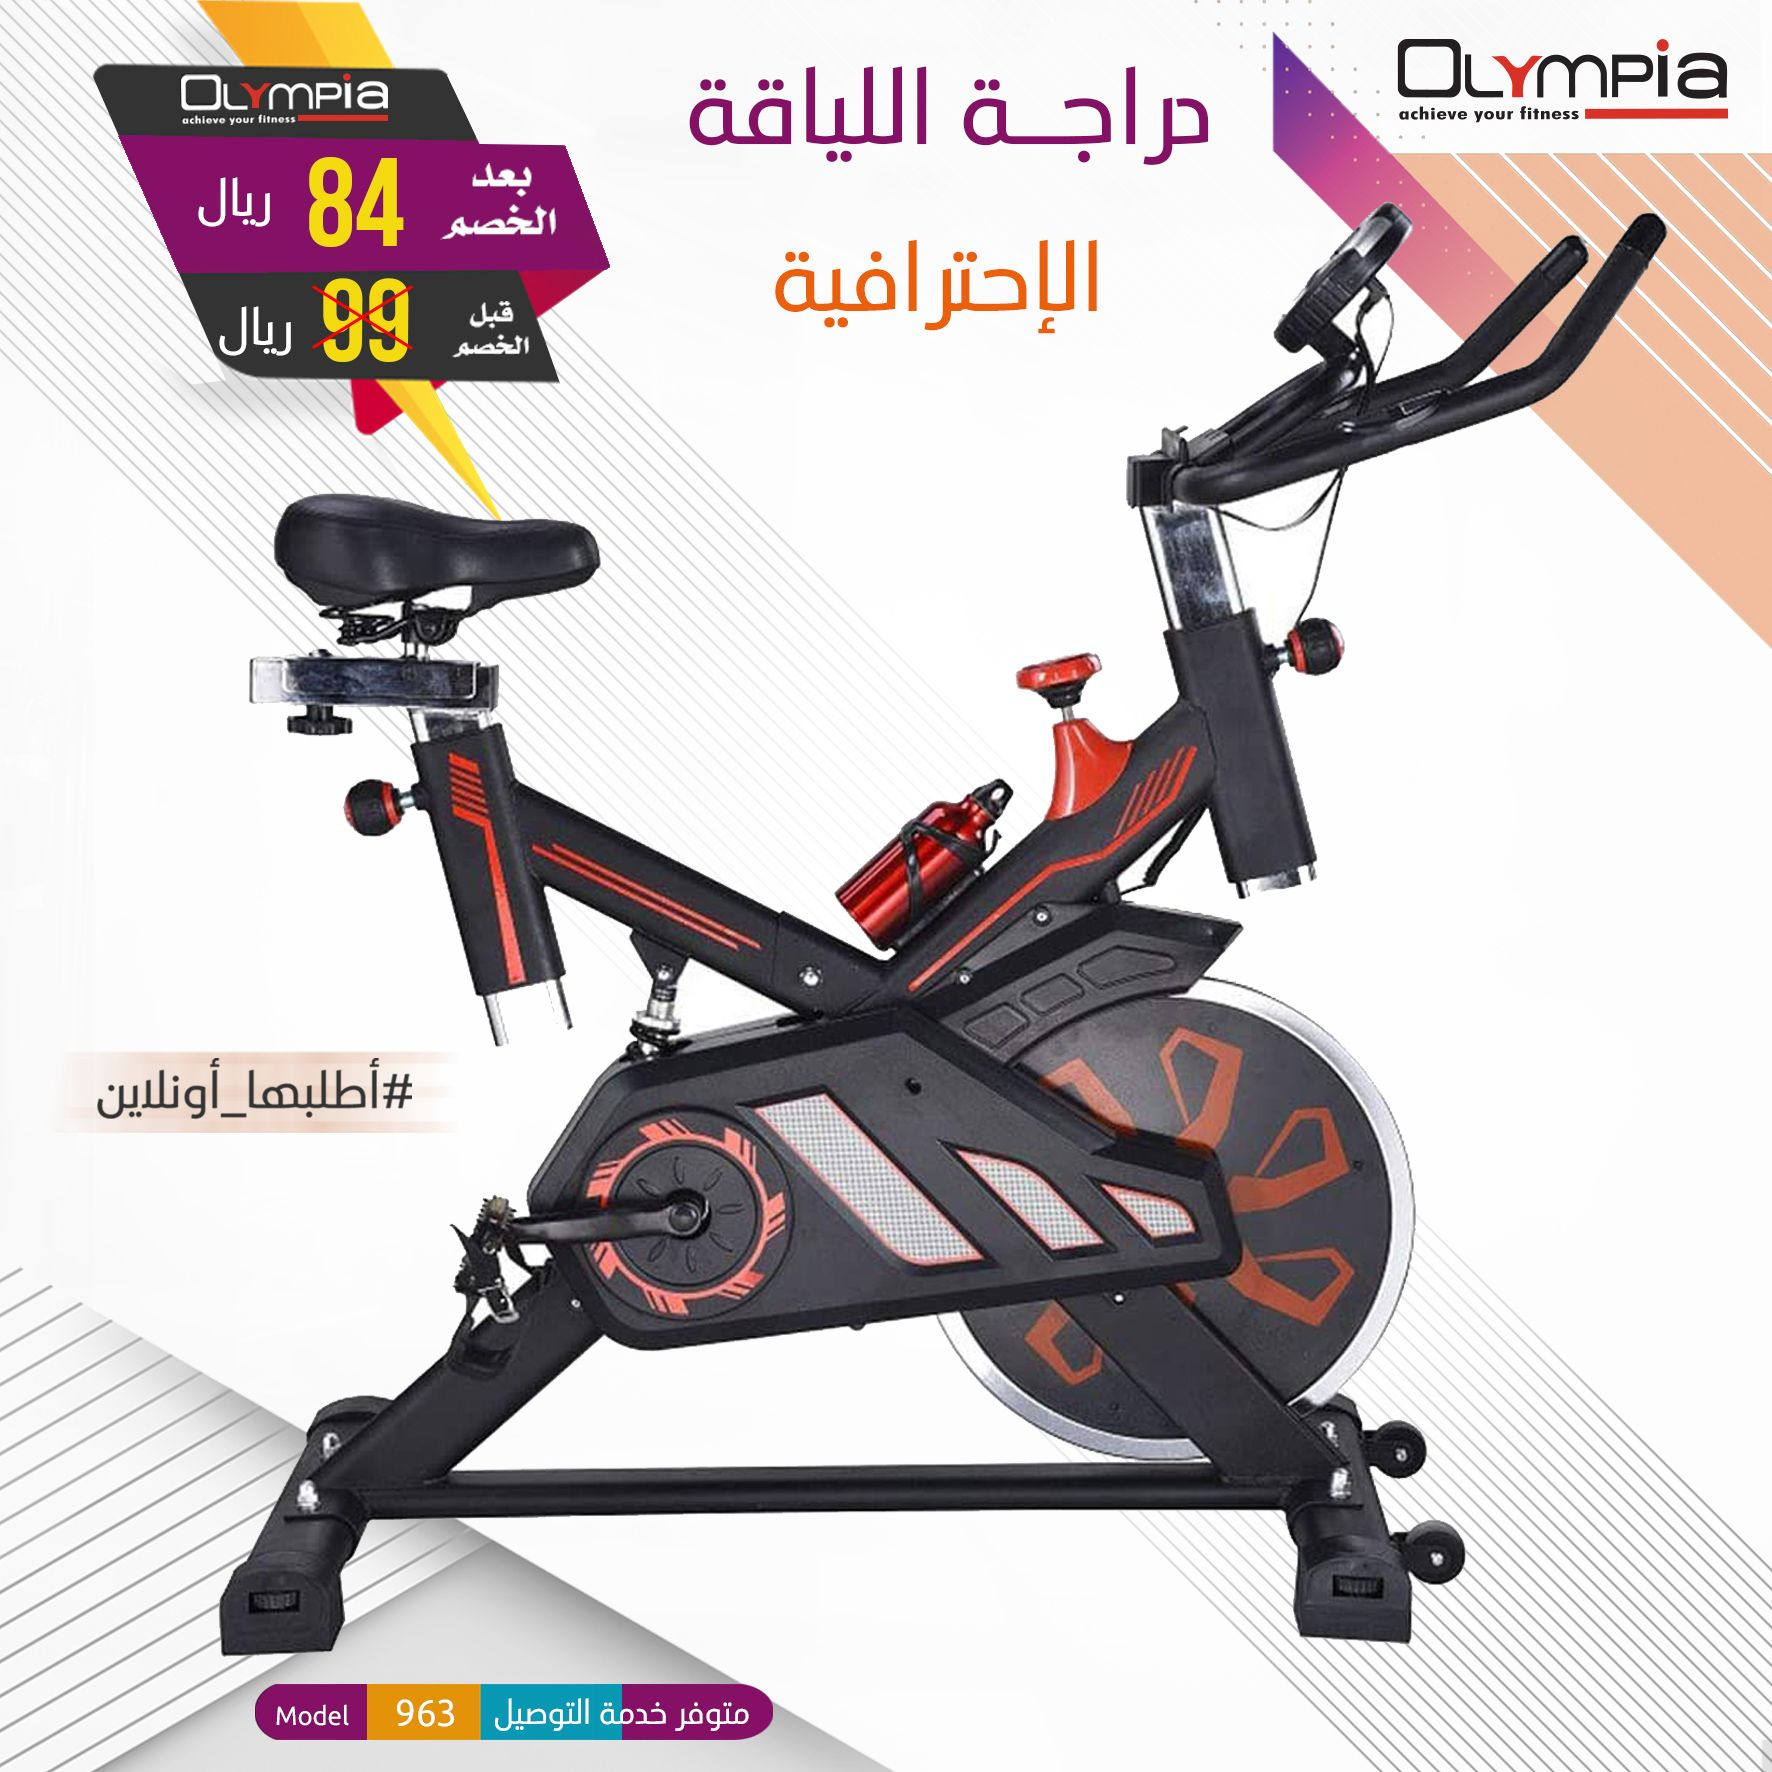 أفضل المنتجات الرياضية بأعلى المواصفات العالمية مجموعة متكاملة للحصول علي قوام مثالي في المنزل او العمل احصل عليها Stationary Bike Bike Sultanate Of Oman